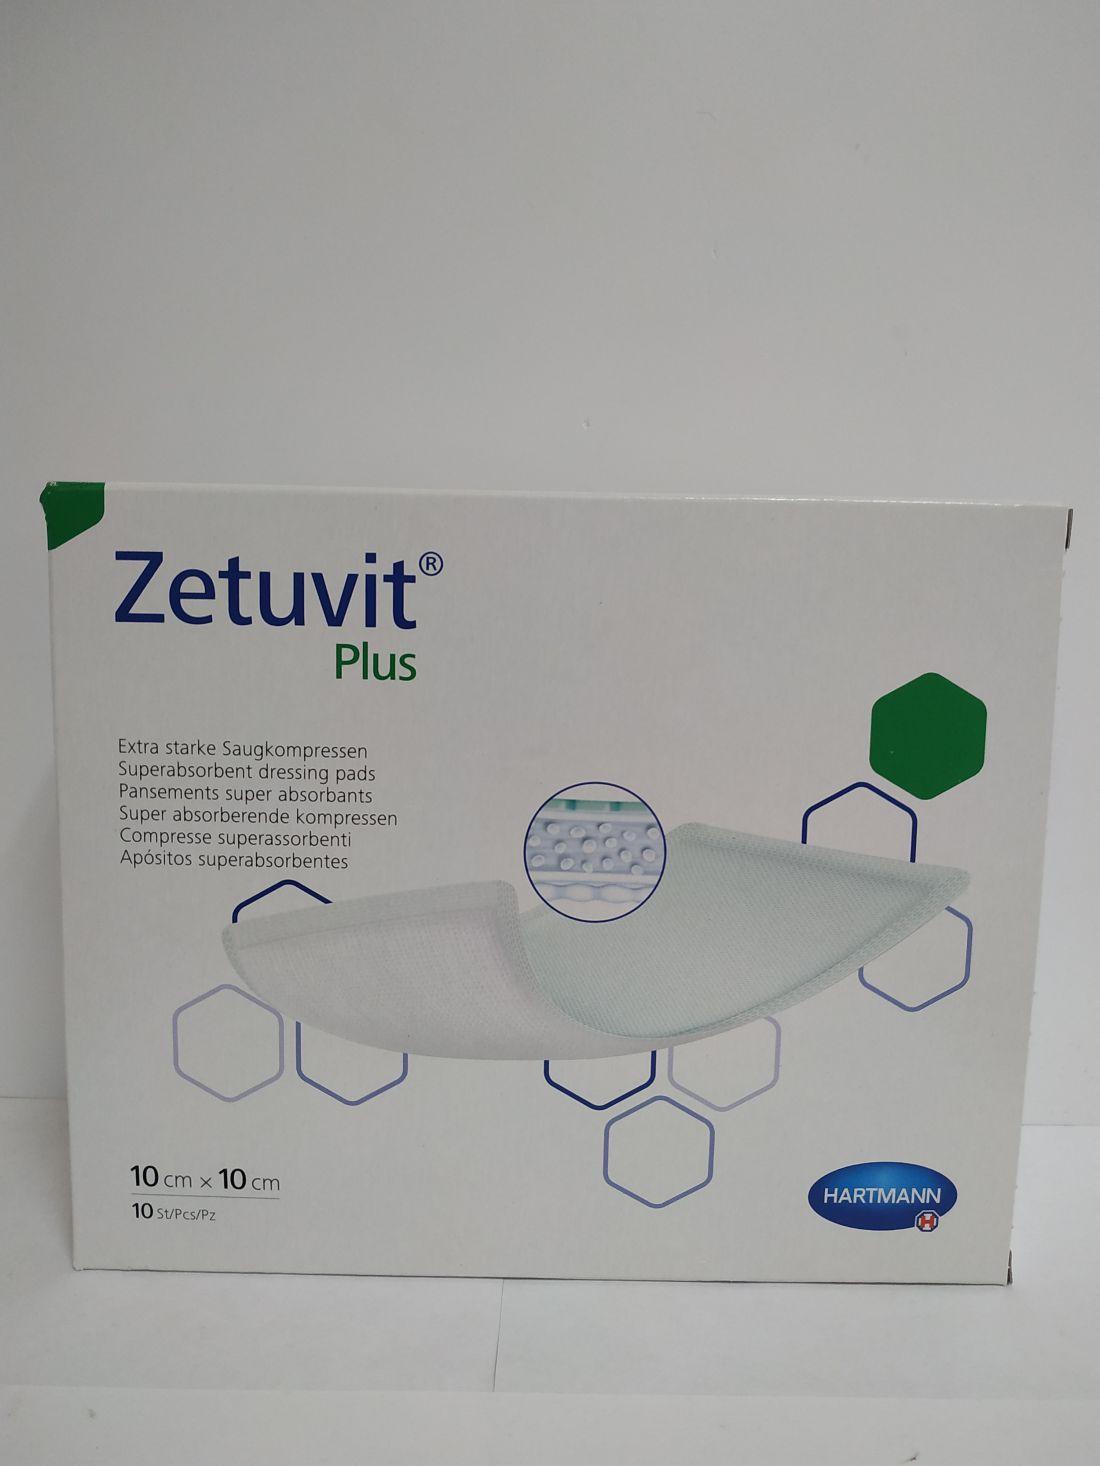 Zetuvit Plus 10 x 10 cm